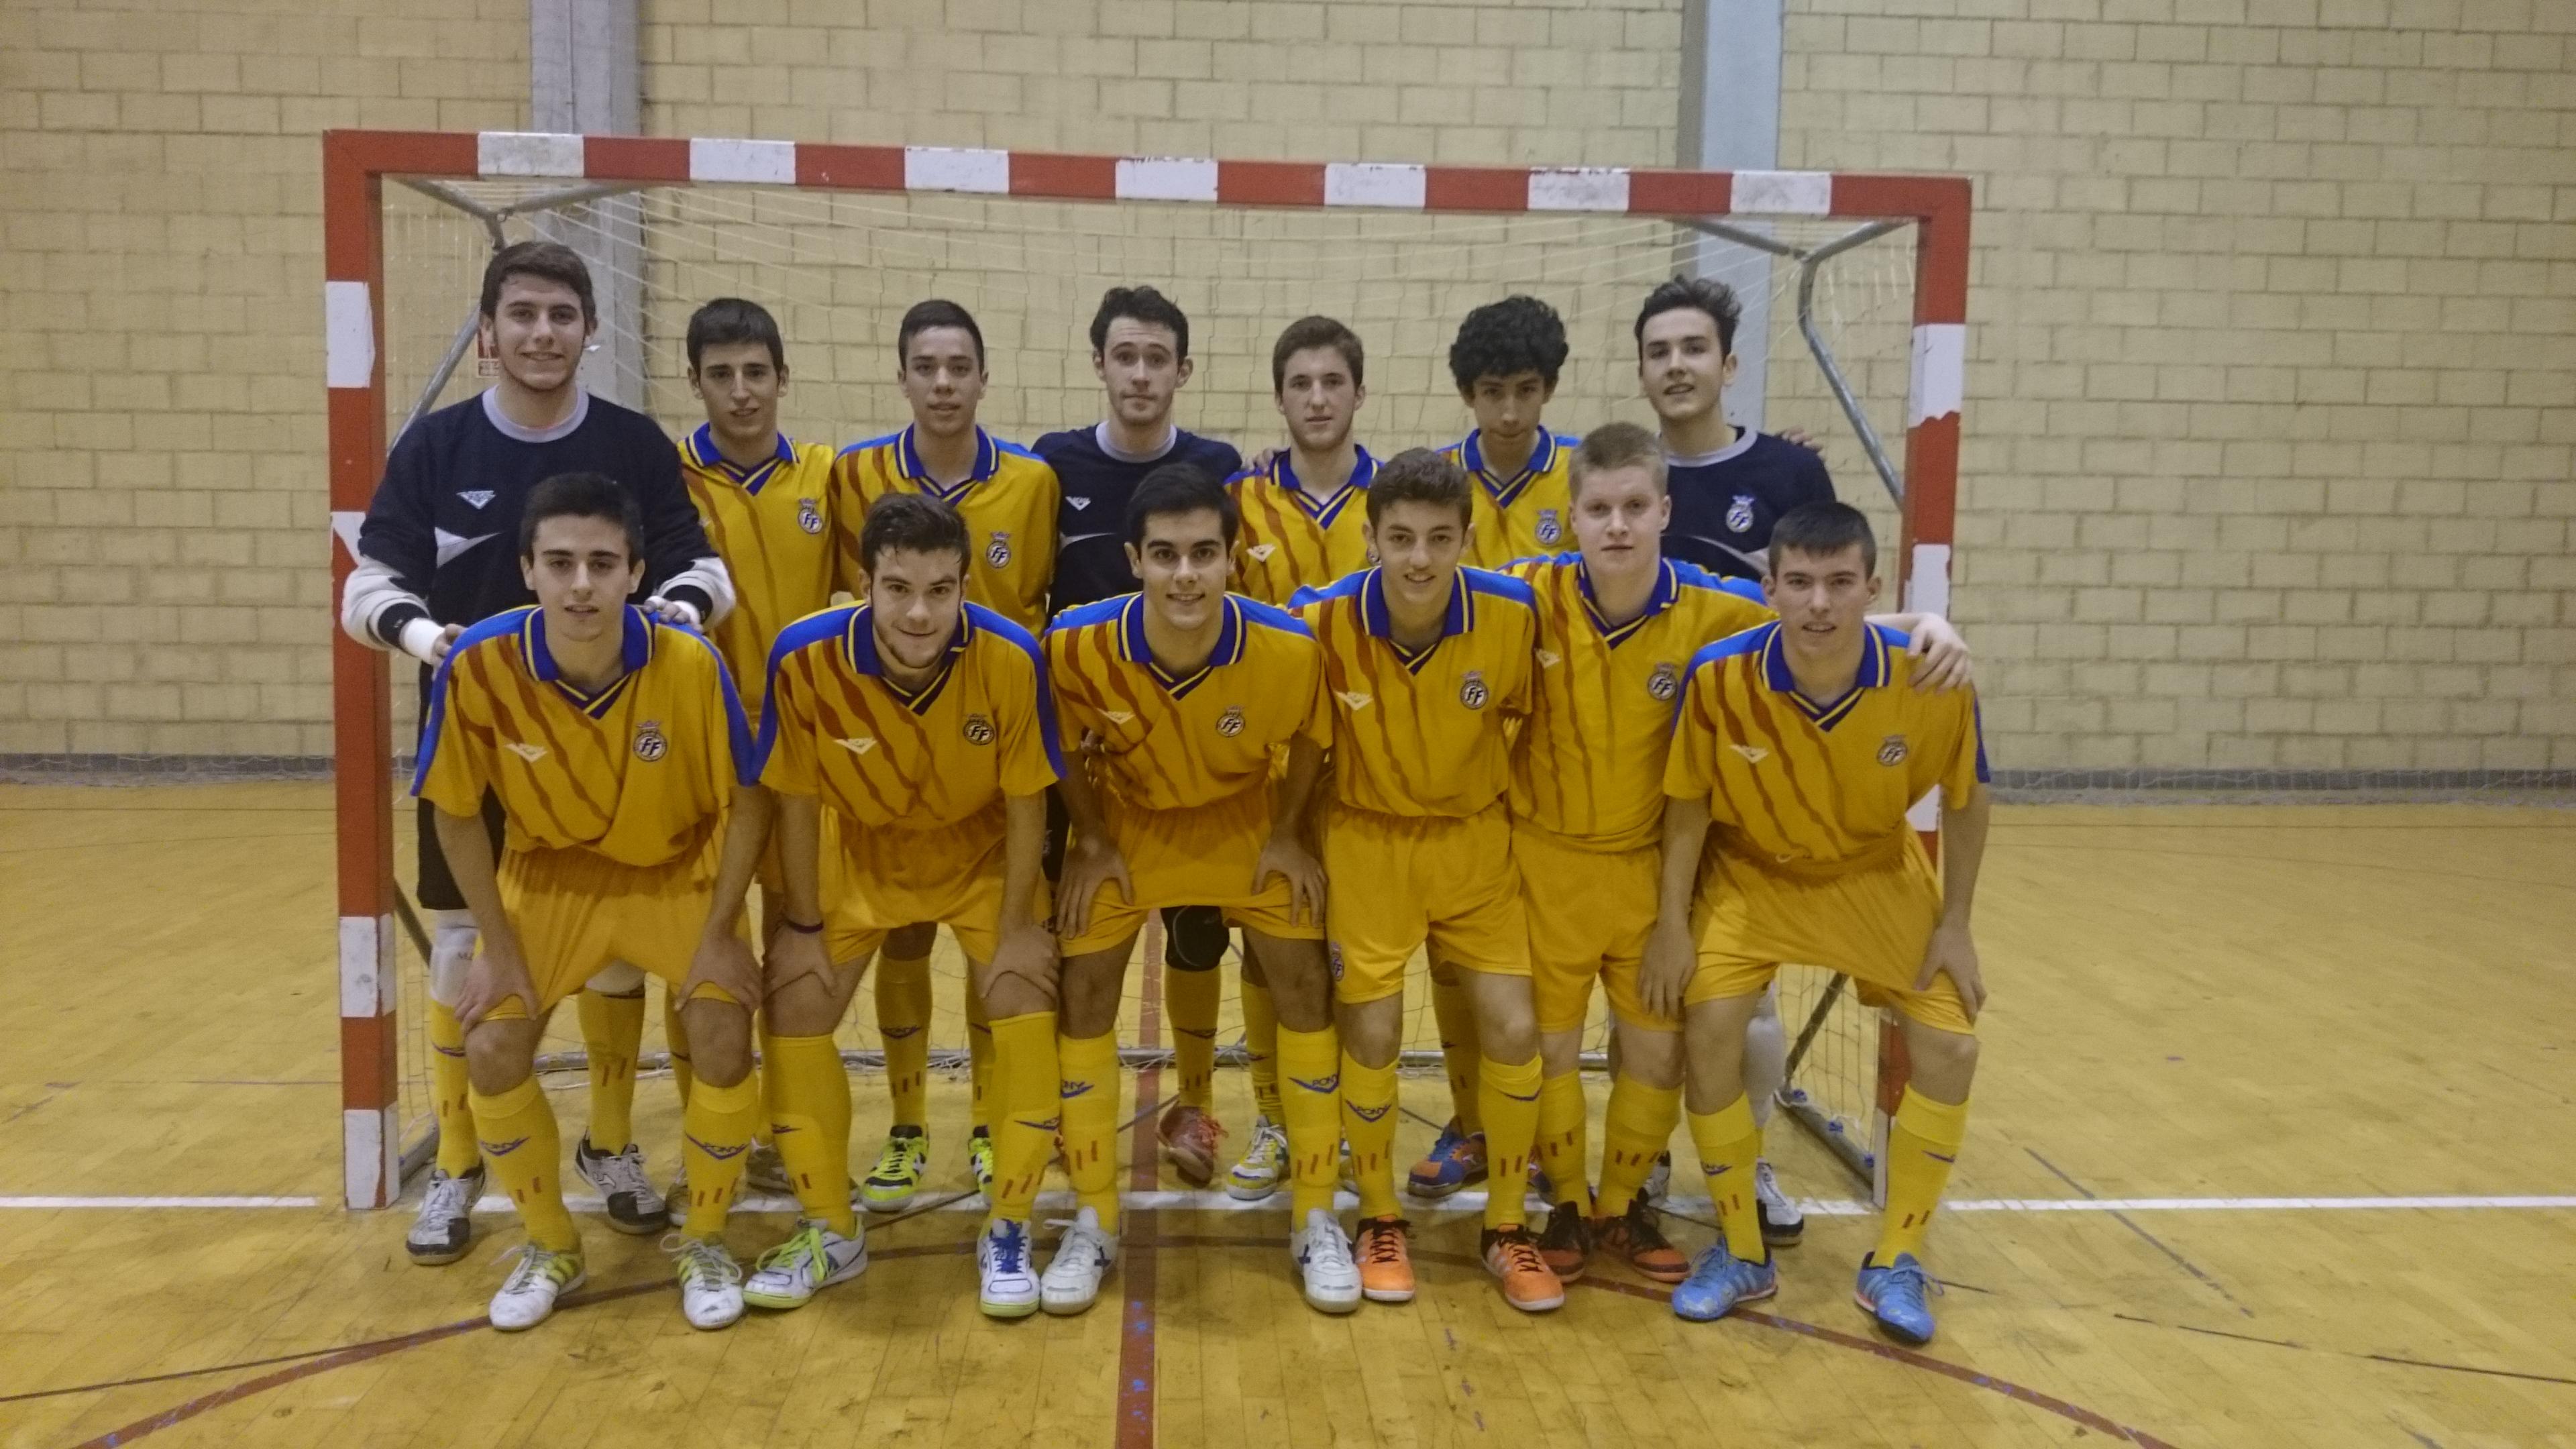 La selecci n valenciana lista para la fase del campeonato for Federacion valenciana de futbol